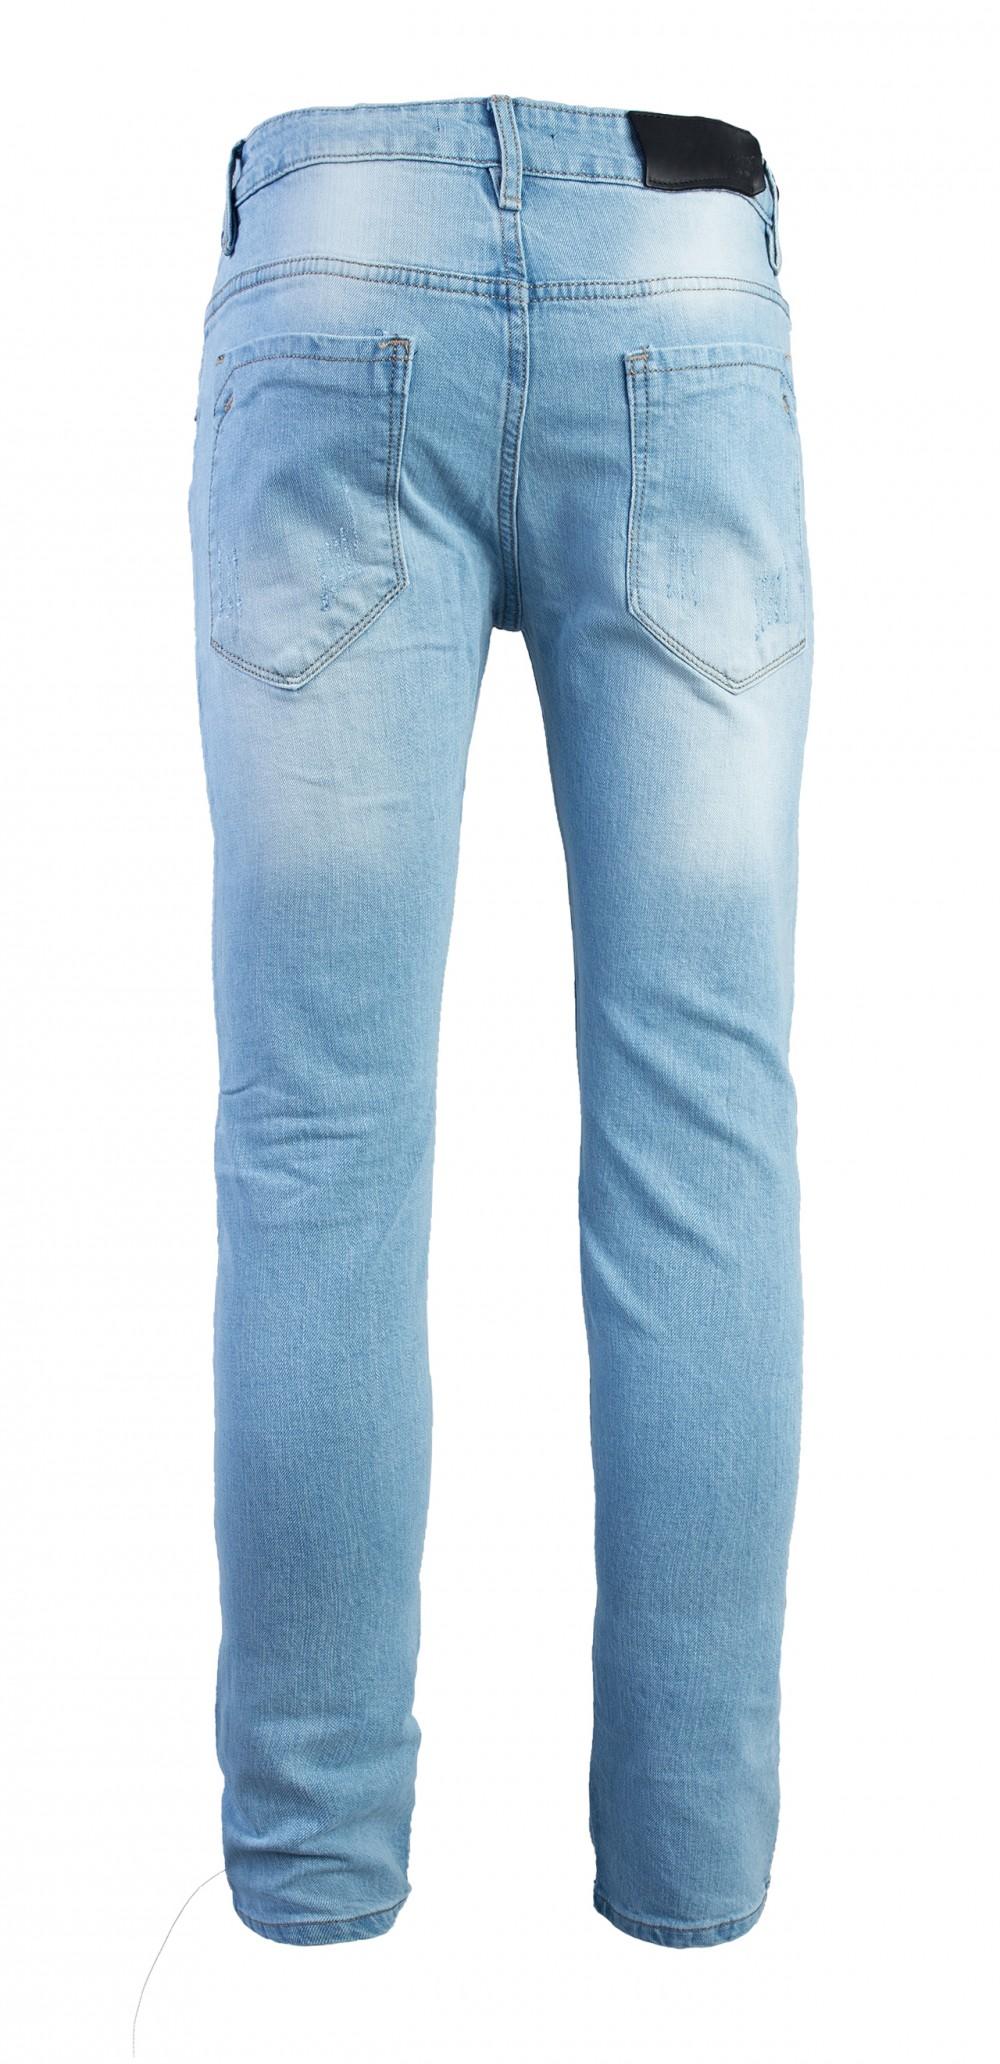 Quần jeans rách xanh qj1575 - 3